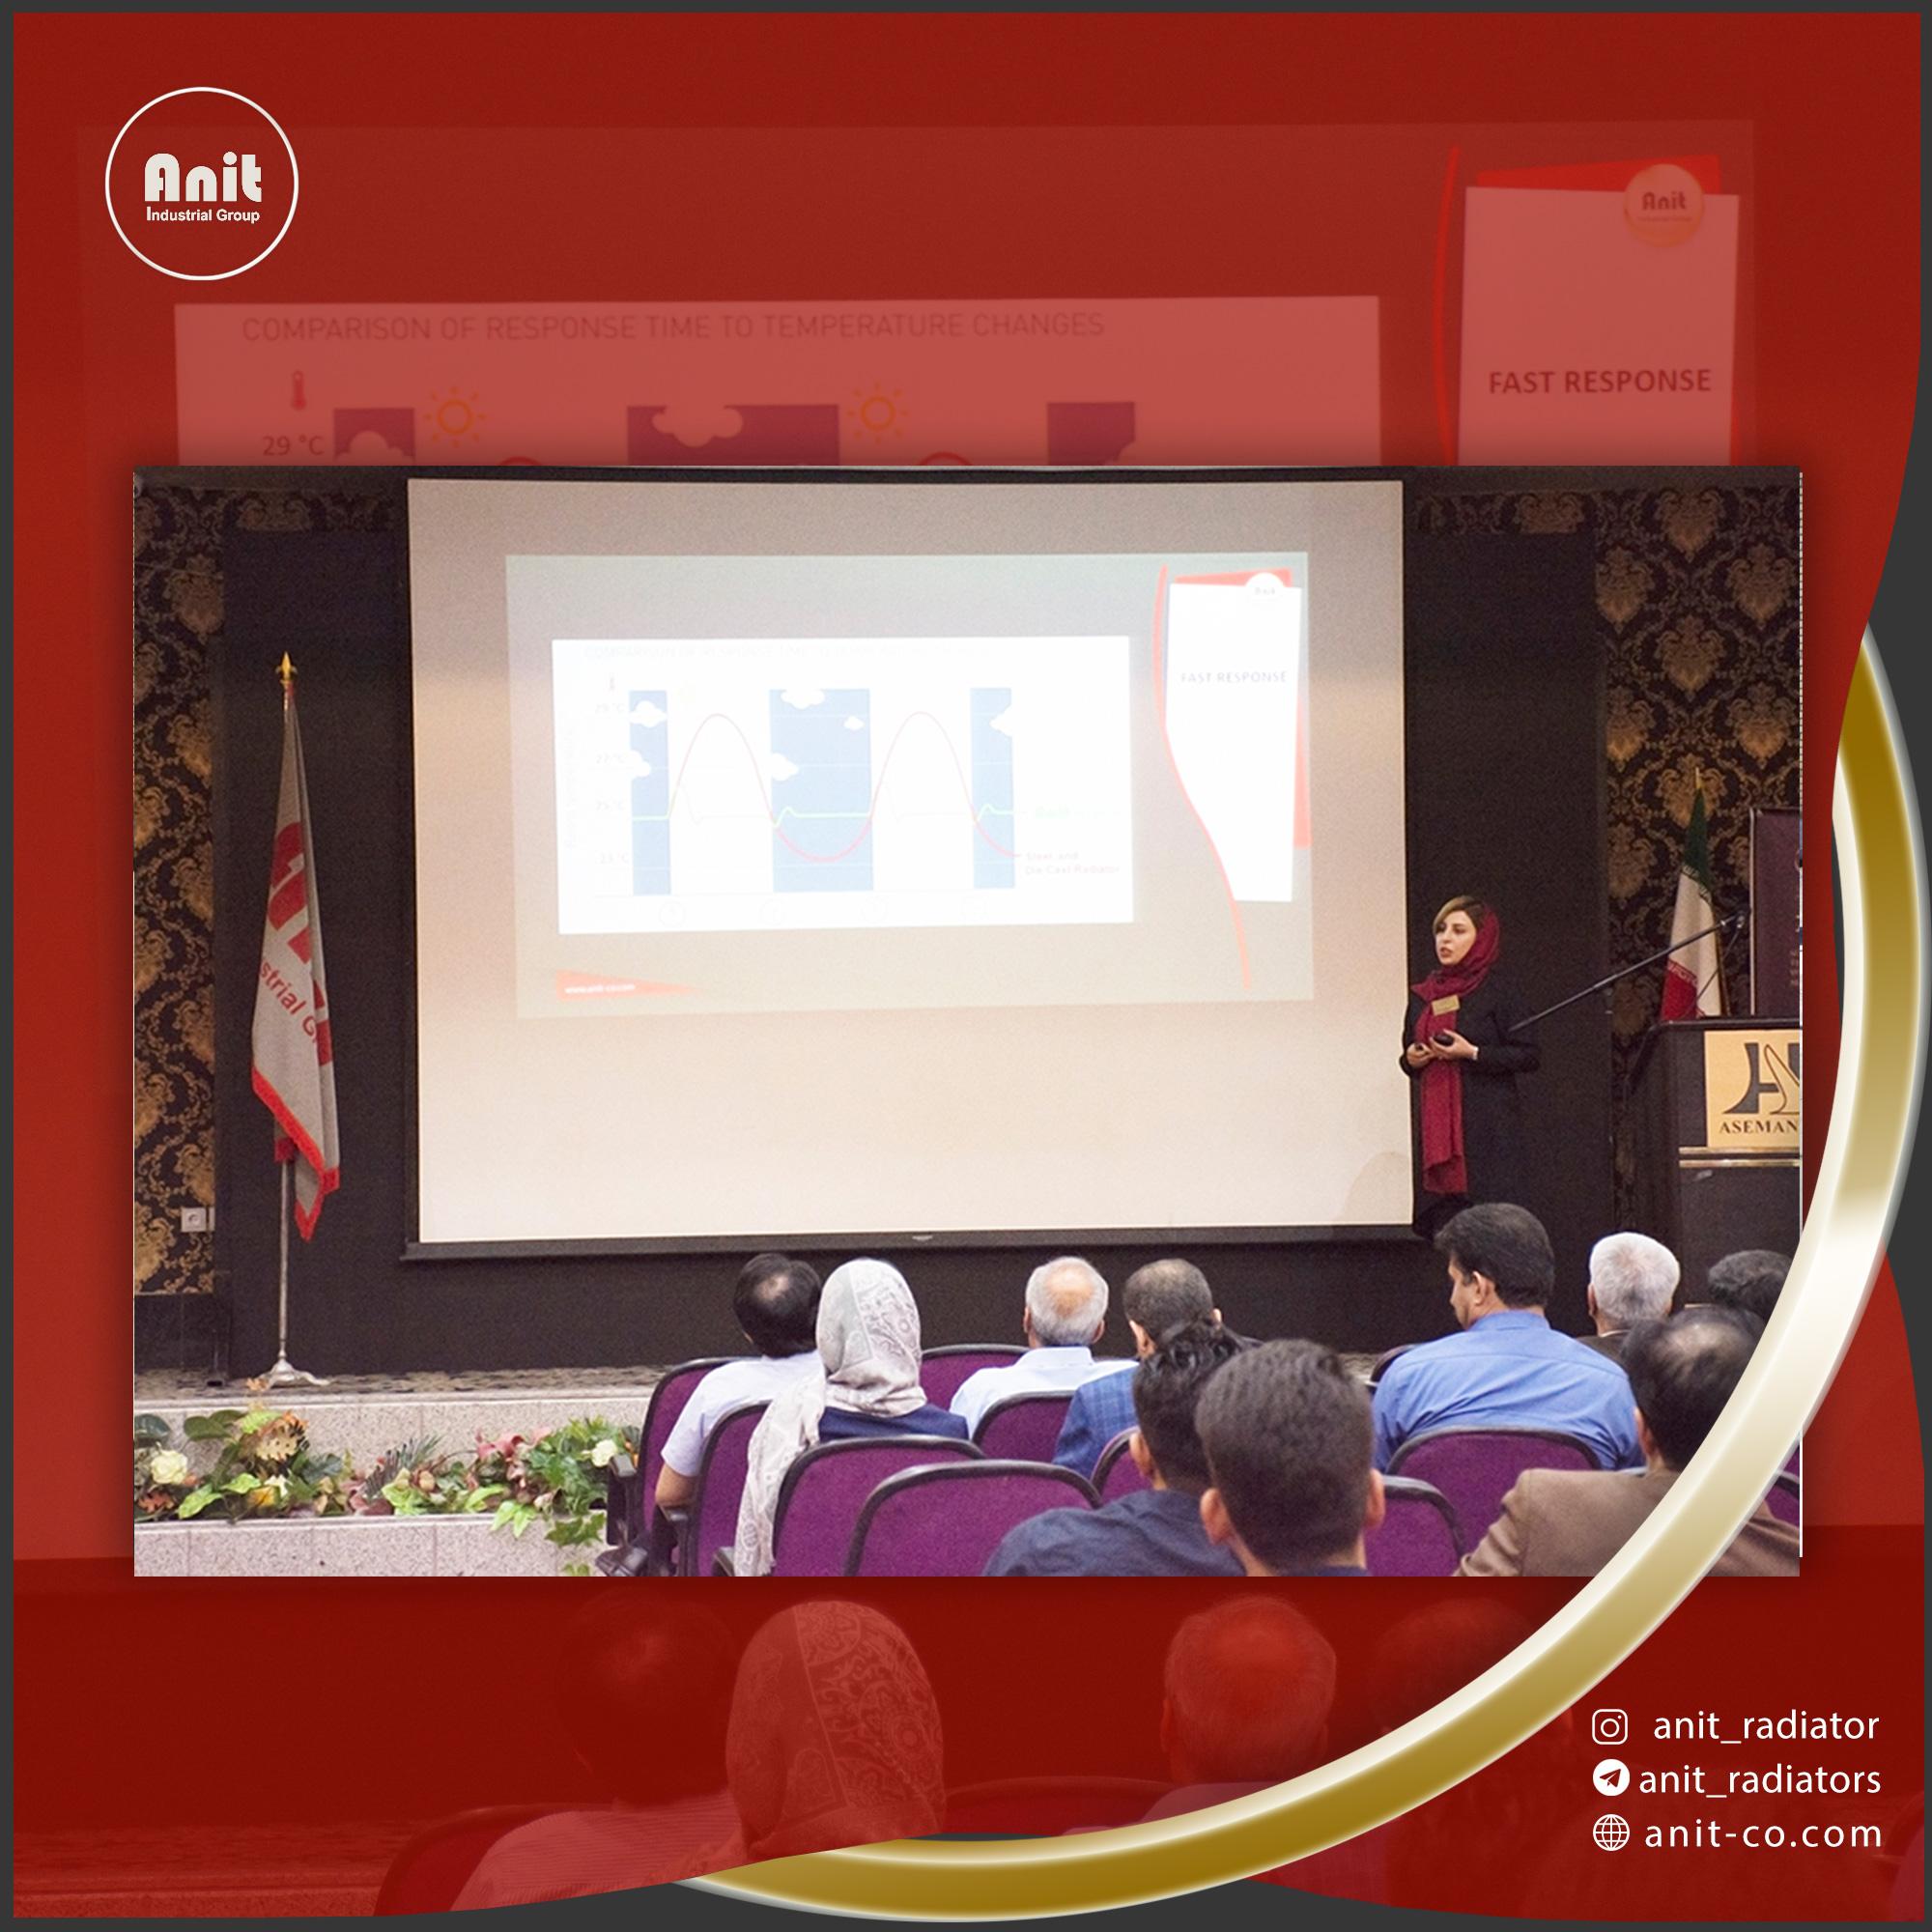 سمینار بررسی سیستم های گرمایشی ساختمان با رویکرد مدیریت مصرف انرژی در اصفهان